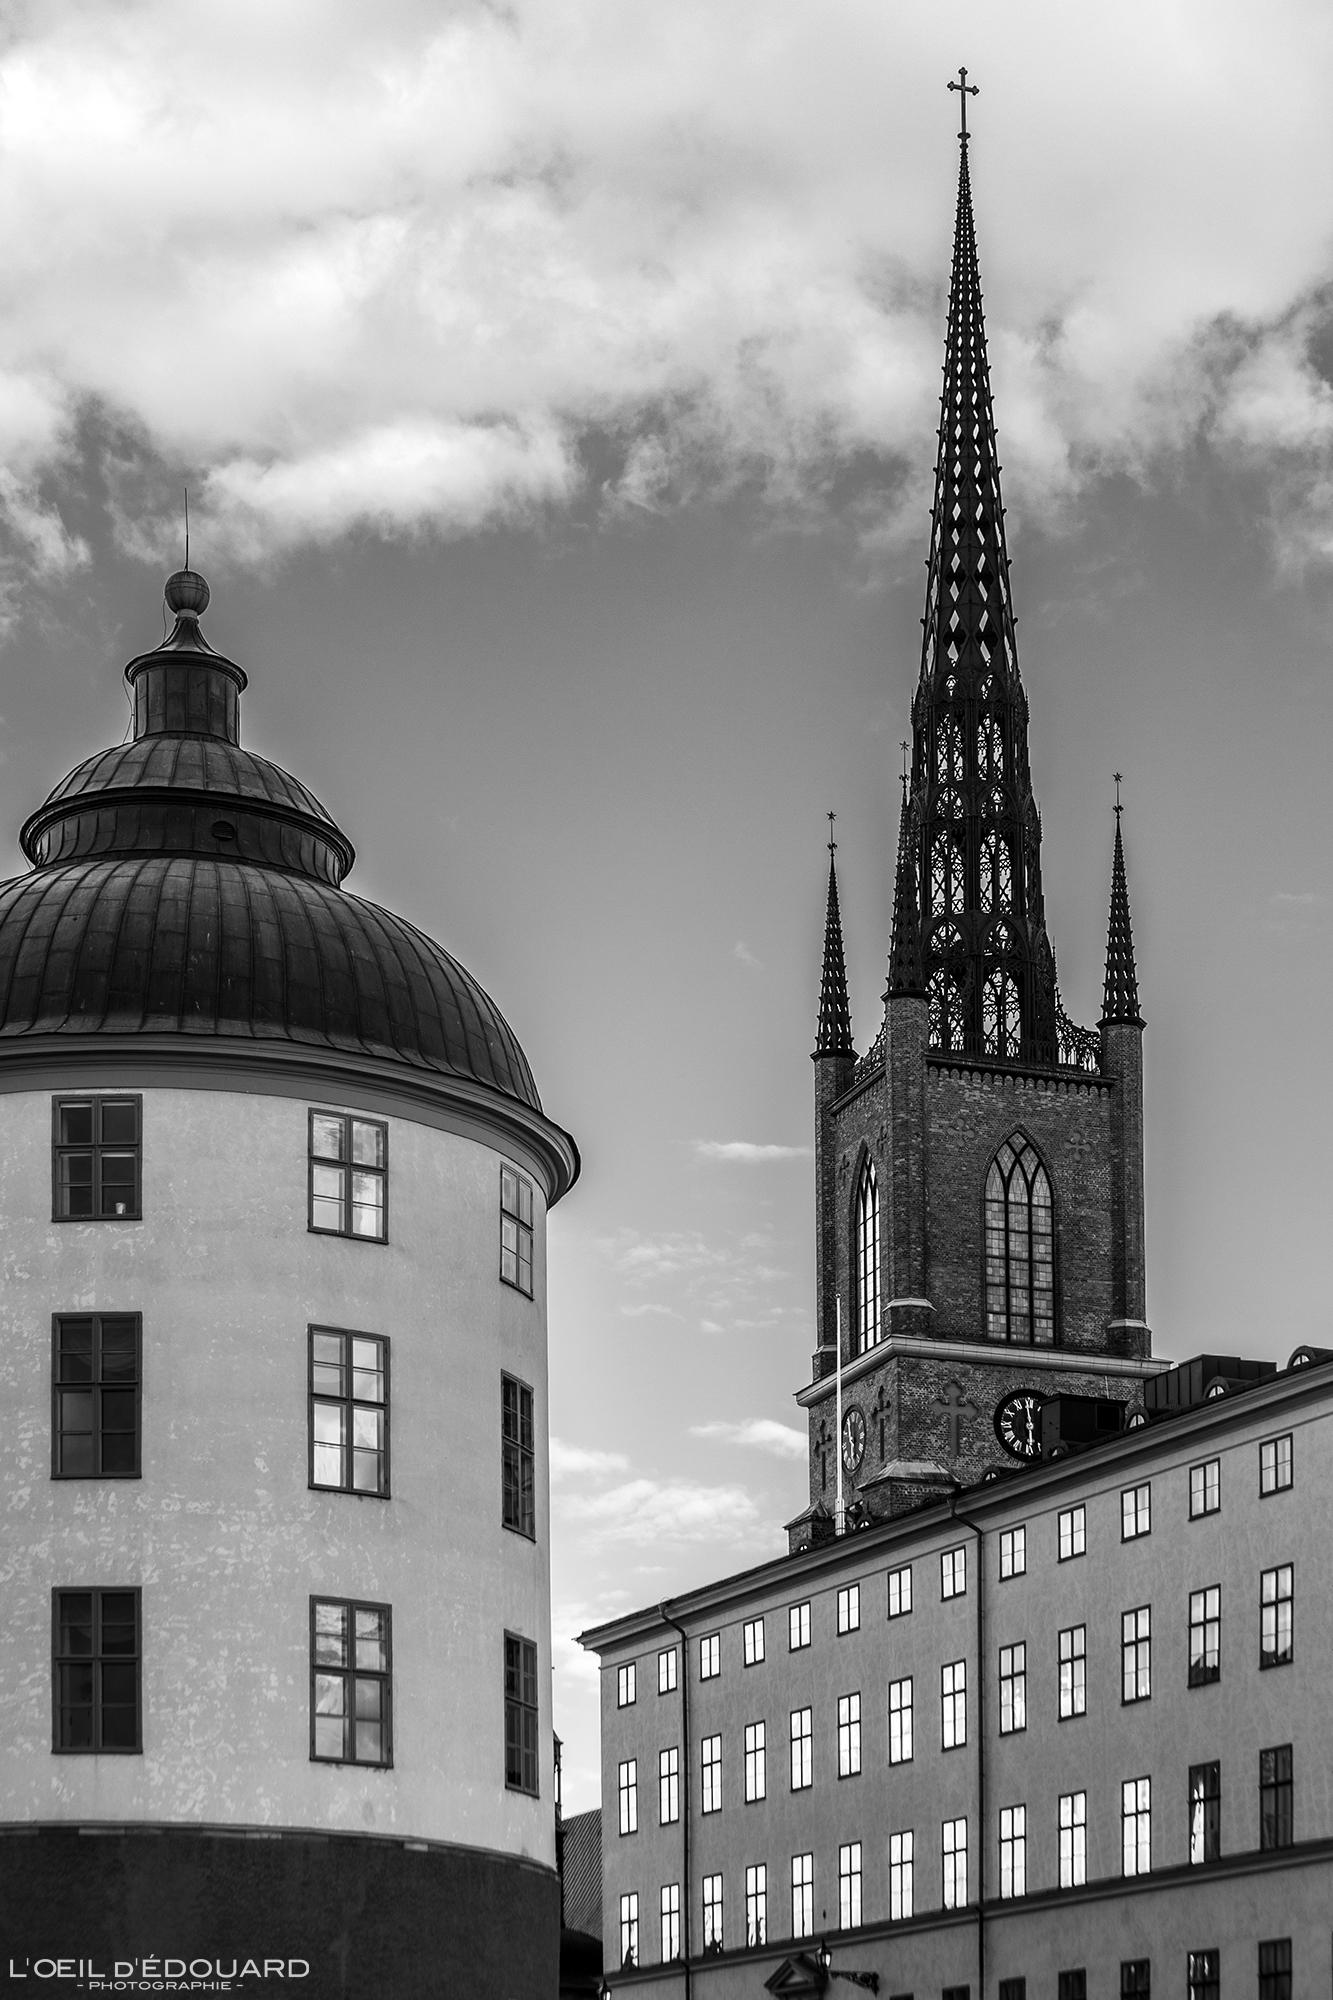 Eglise Riddarholmskyrkan Riddarholmen Stockholm Suède Sweden architecture church Sverige © L'Oeil d'Édouard - Tous droits réservés